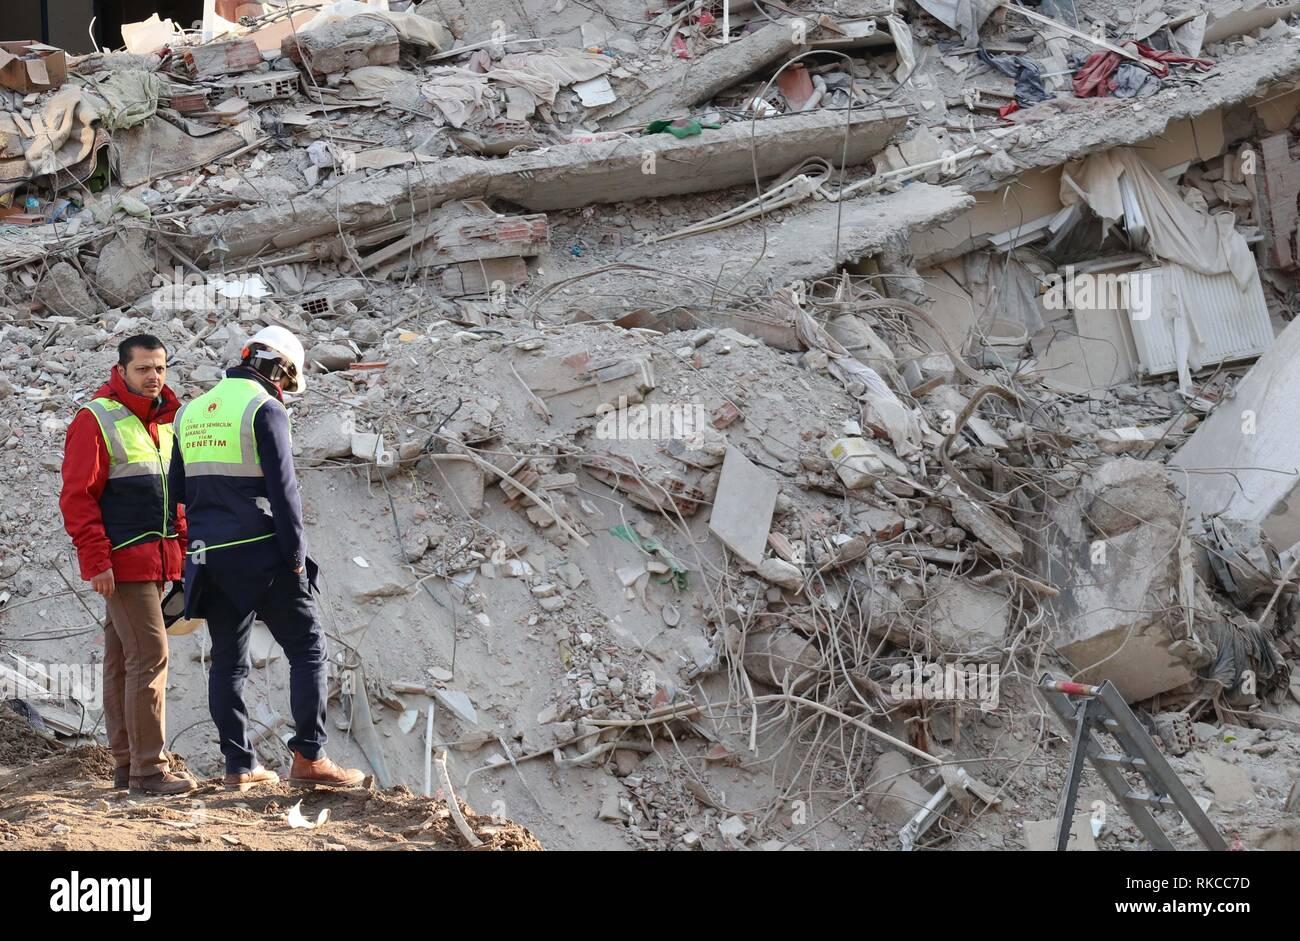 Istanbul, Turquie. 10 fév, 2019. Les sauveteurs travaillent à l'emplacement de l'immeuble effondré à Istanbul, Turquie, le 10 février, 2019. Les équipes de secours le dimanche ont conclu leurs quatre jours de récupération sur les ruines d'un immeuble de huit étages à Istanbul. Un total de 35 personnes ont été tirés des débris, avec 21 d'entre eux morts et 14 autres blessés, le bureau du gouverneur d'Istanbul a dit dans une déclaration écrite. Credit: Xu 199 Changjiang/Xinhua/Alamy Live News Photo Stock